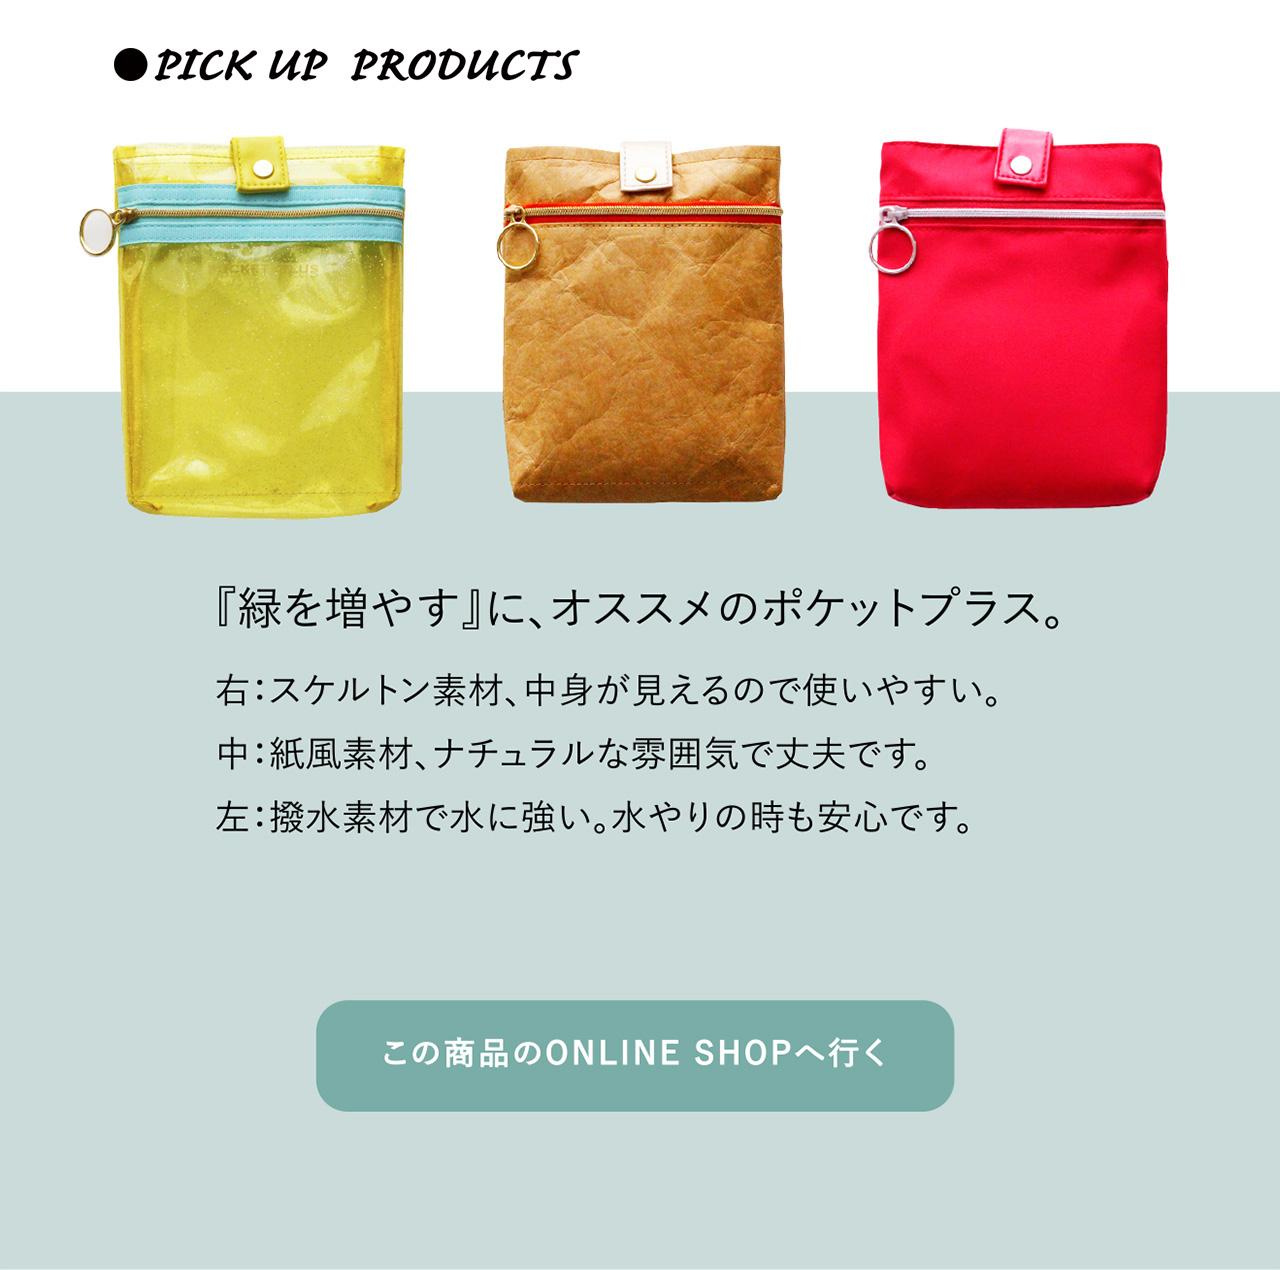 ●PICK UP PRODUCTS 『植物を増や』に、オススメのポケットプラス。 右:スケルトン素材、中身が見えるので使いやすい。中:紙風素材、ナチュラルな雰囲気で丈夫です。左:撥水素材で水に強い。水やりの時も安心です。『緑を増やす』に、オススメのポケットプラス。 この商品のONLINE SHOPへ行く